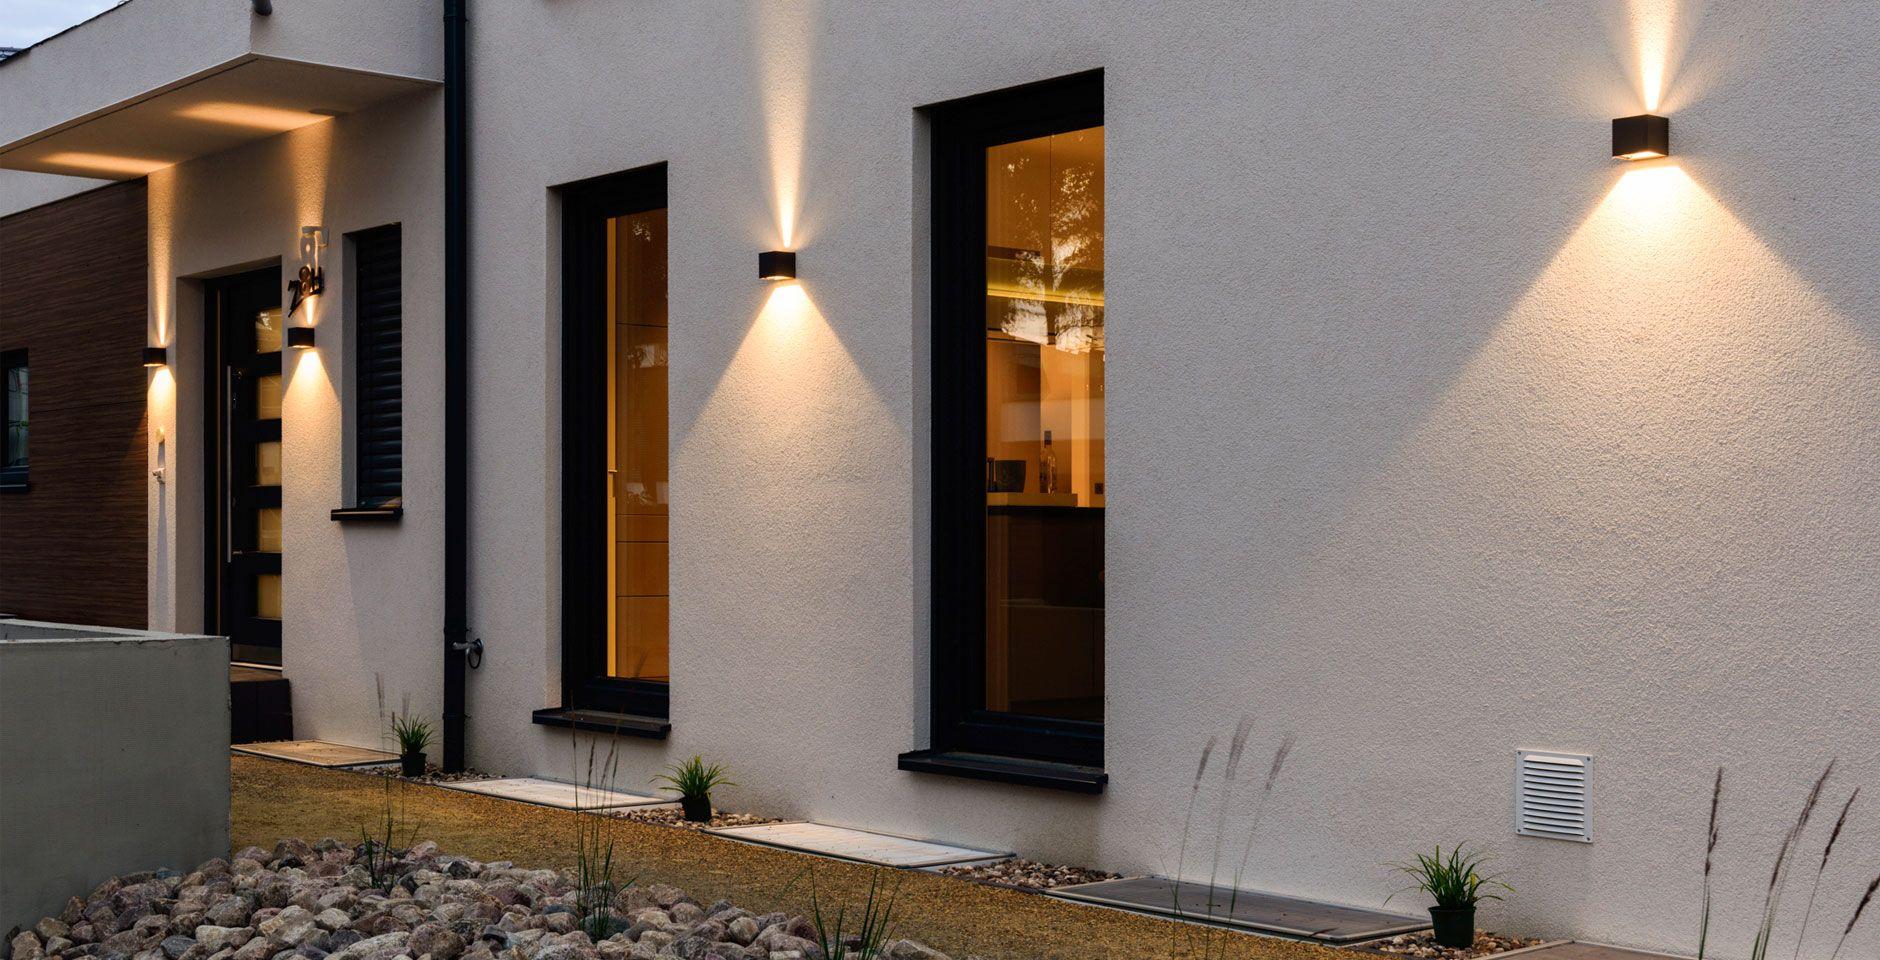 Sicher Und Schon Der Eingang Vom Haus Am See Licht Beleuchtung Aussenlicht Aussenbeleuchtung Hau Fassadenbeleuchtung Aussenbeleuchtung Haus Hausbeleuchtung